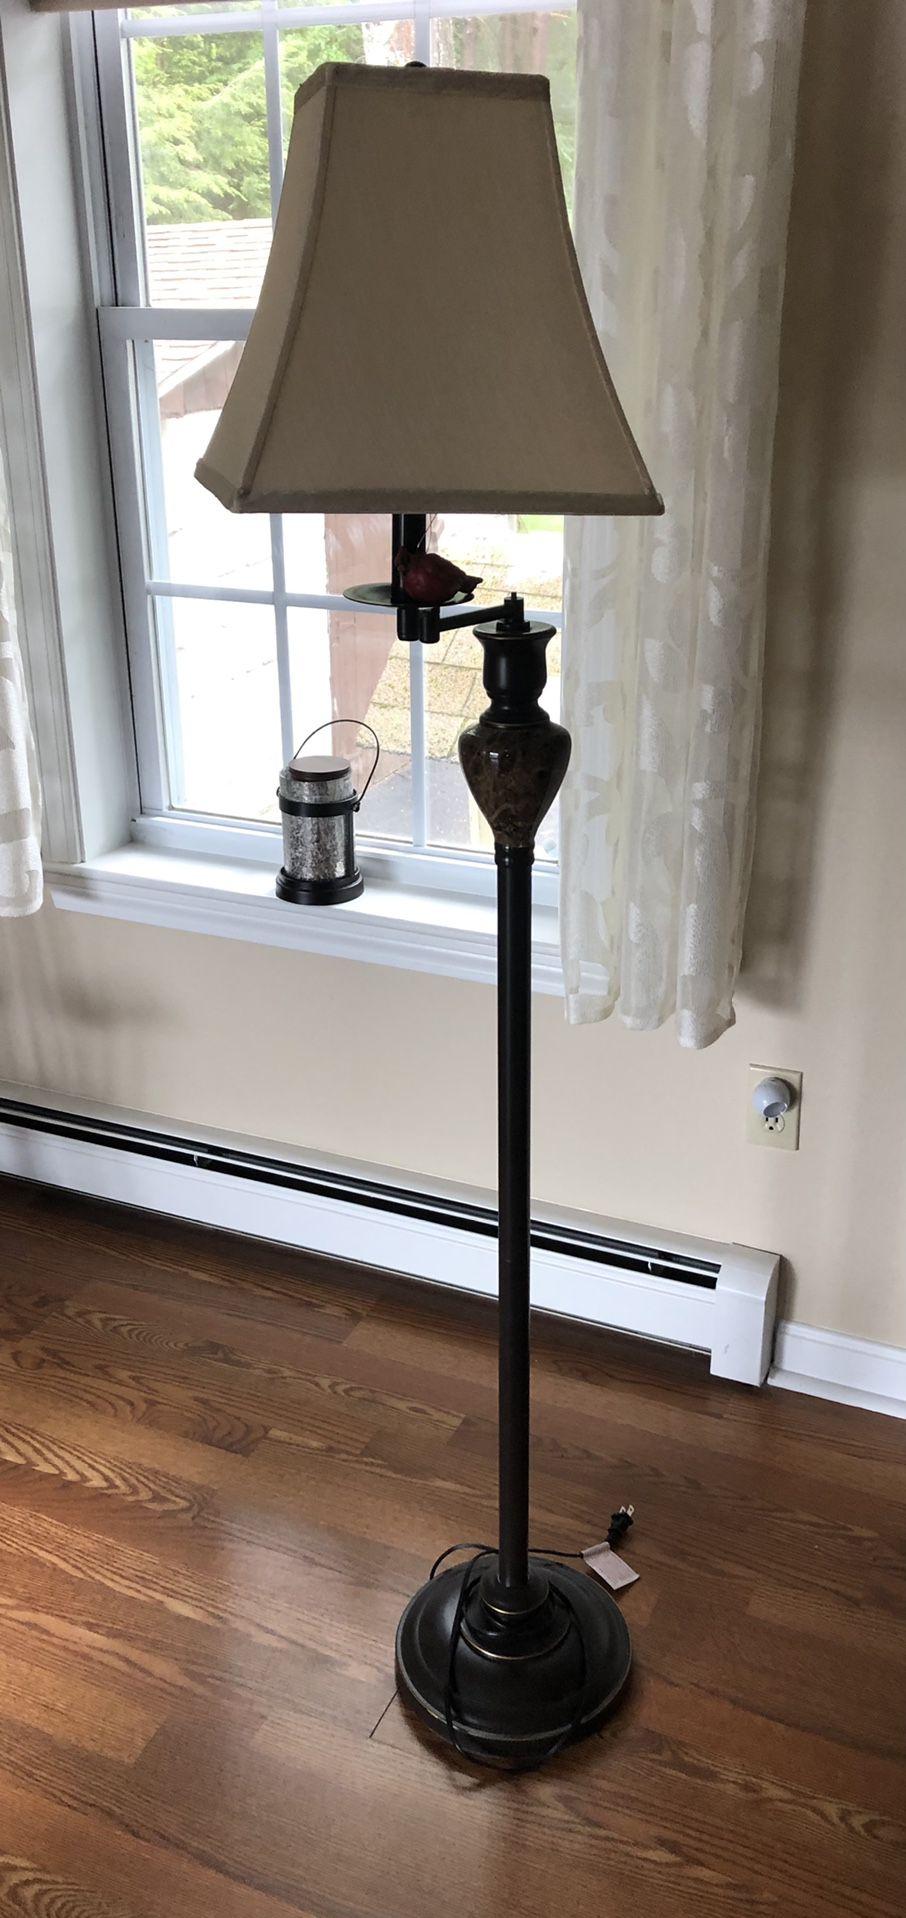 Lamps $25-$50 Each